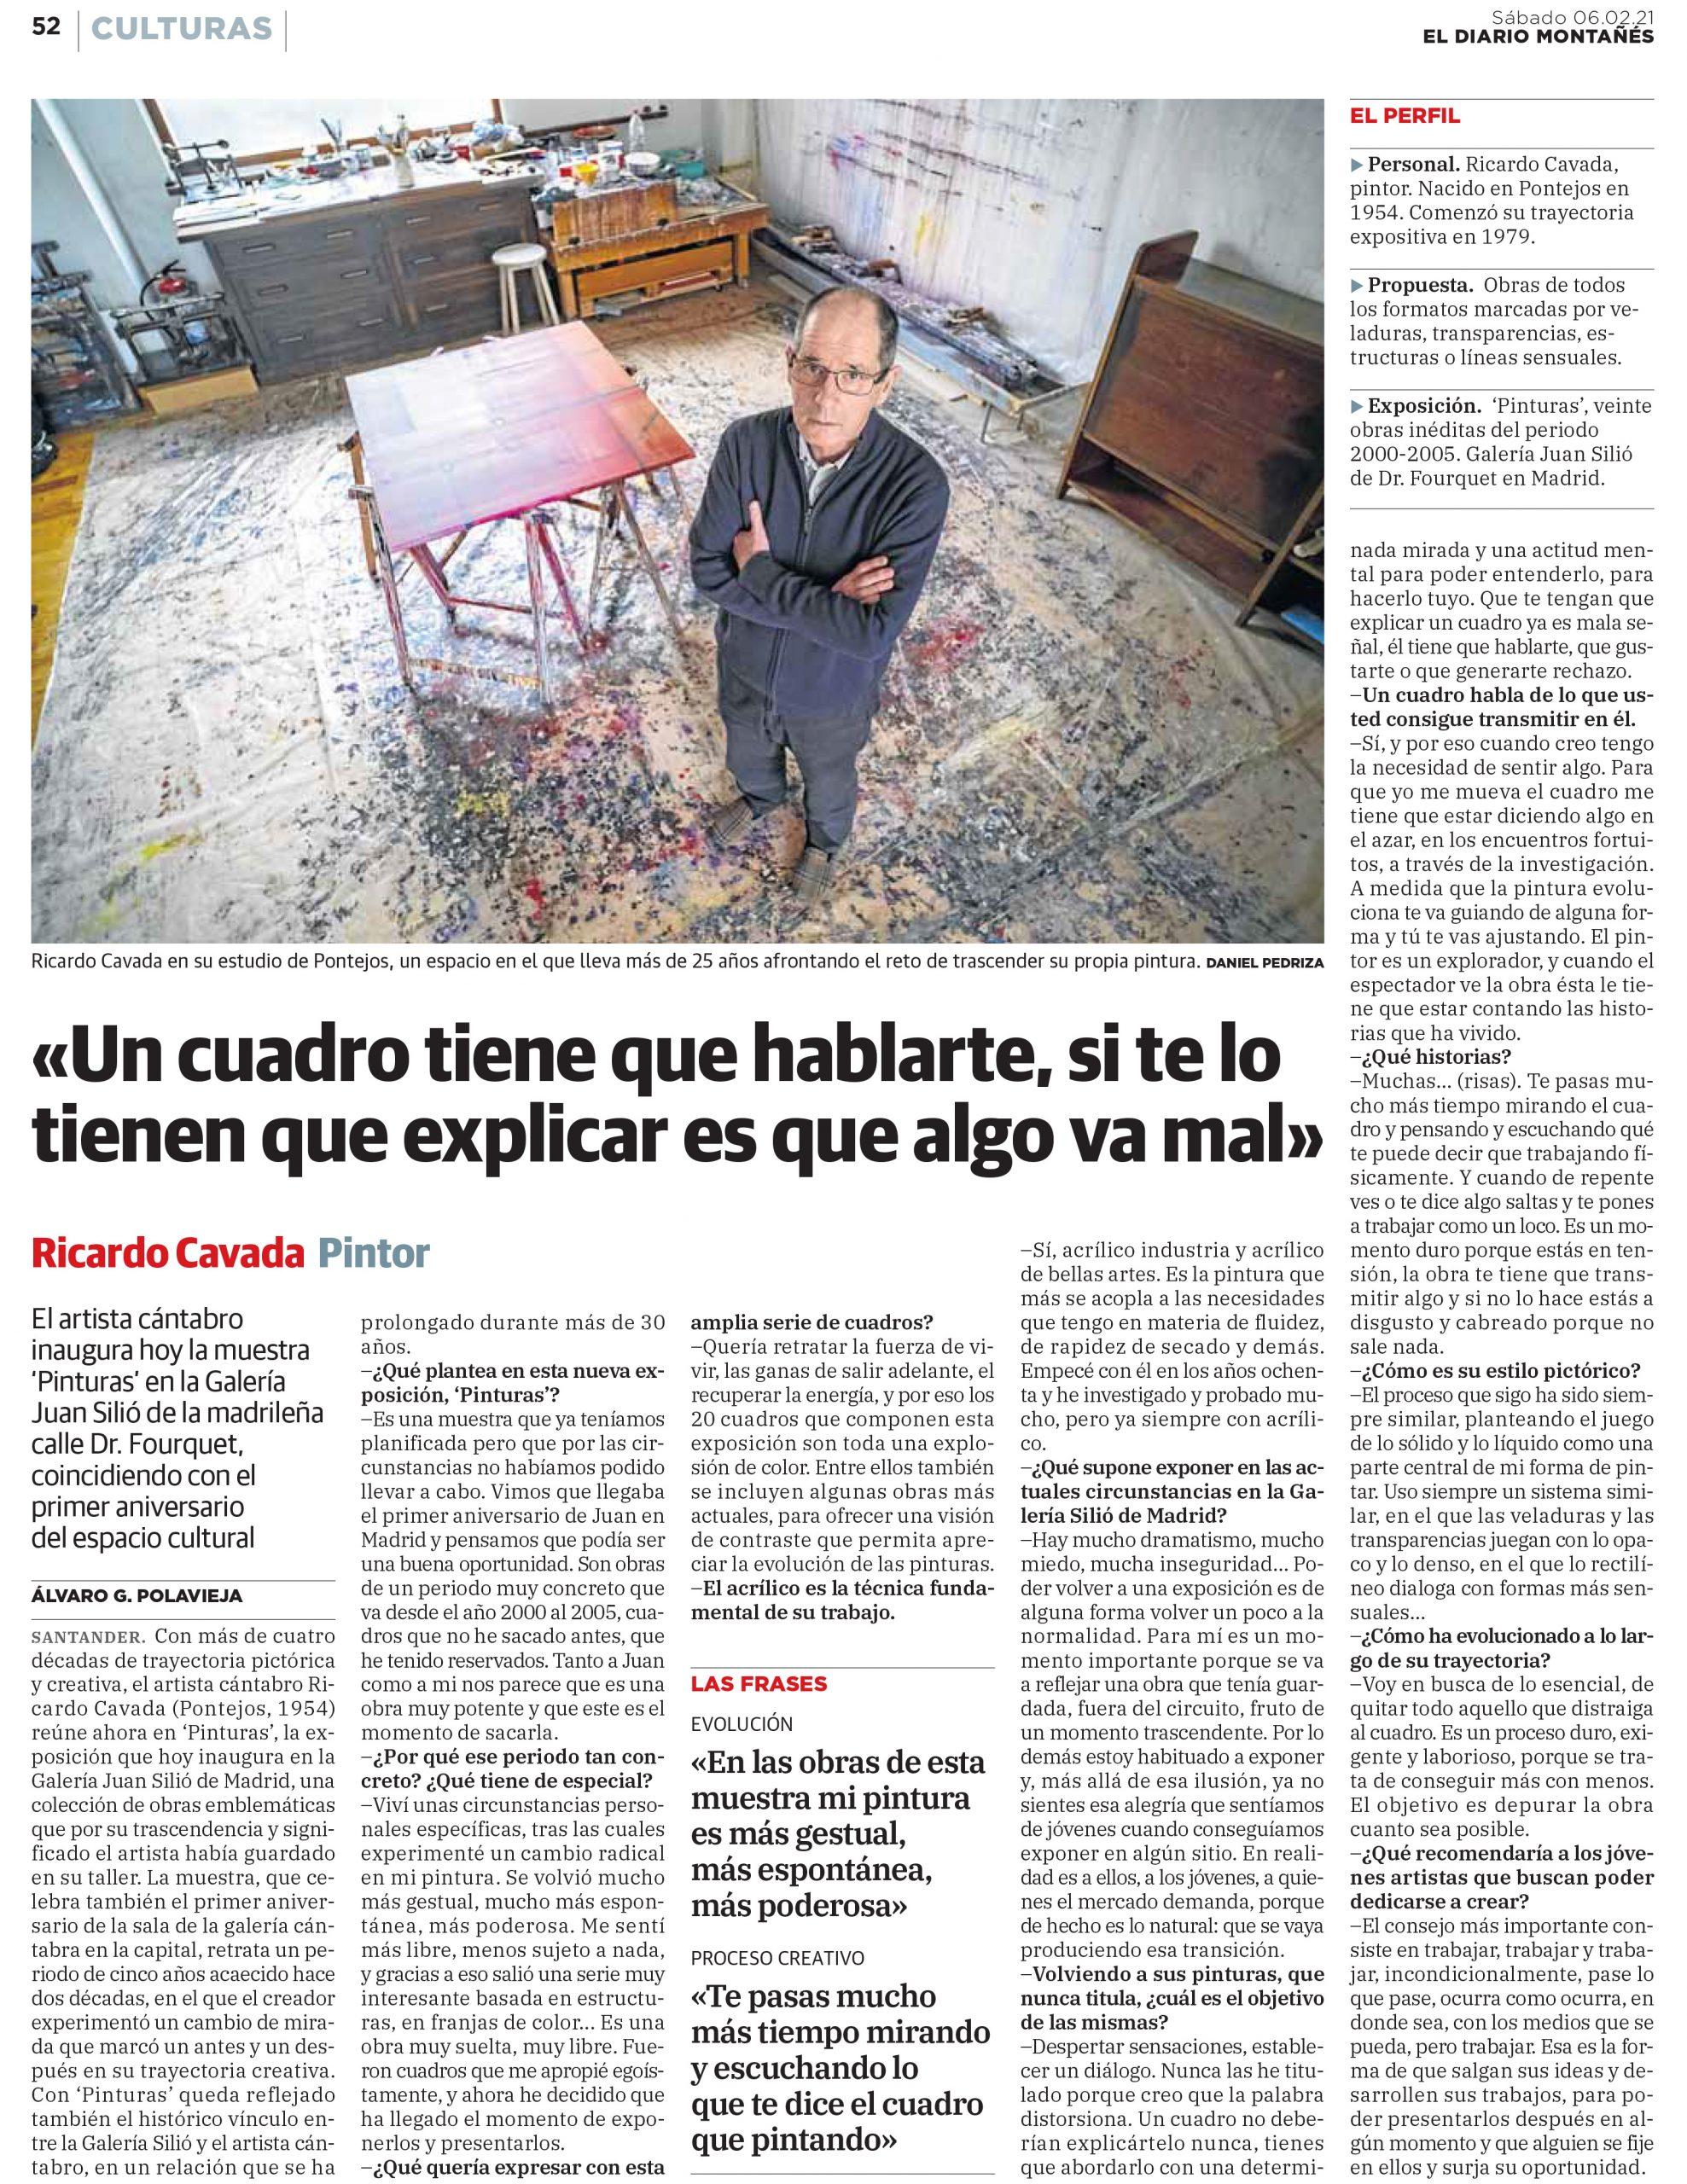 El Diario Montanes, Ricardo Cavada, Galeria Juan Silio